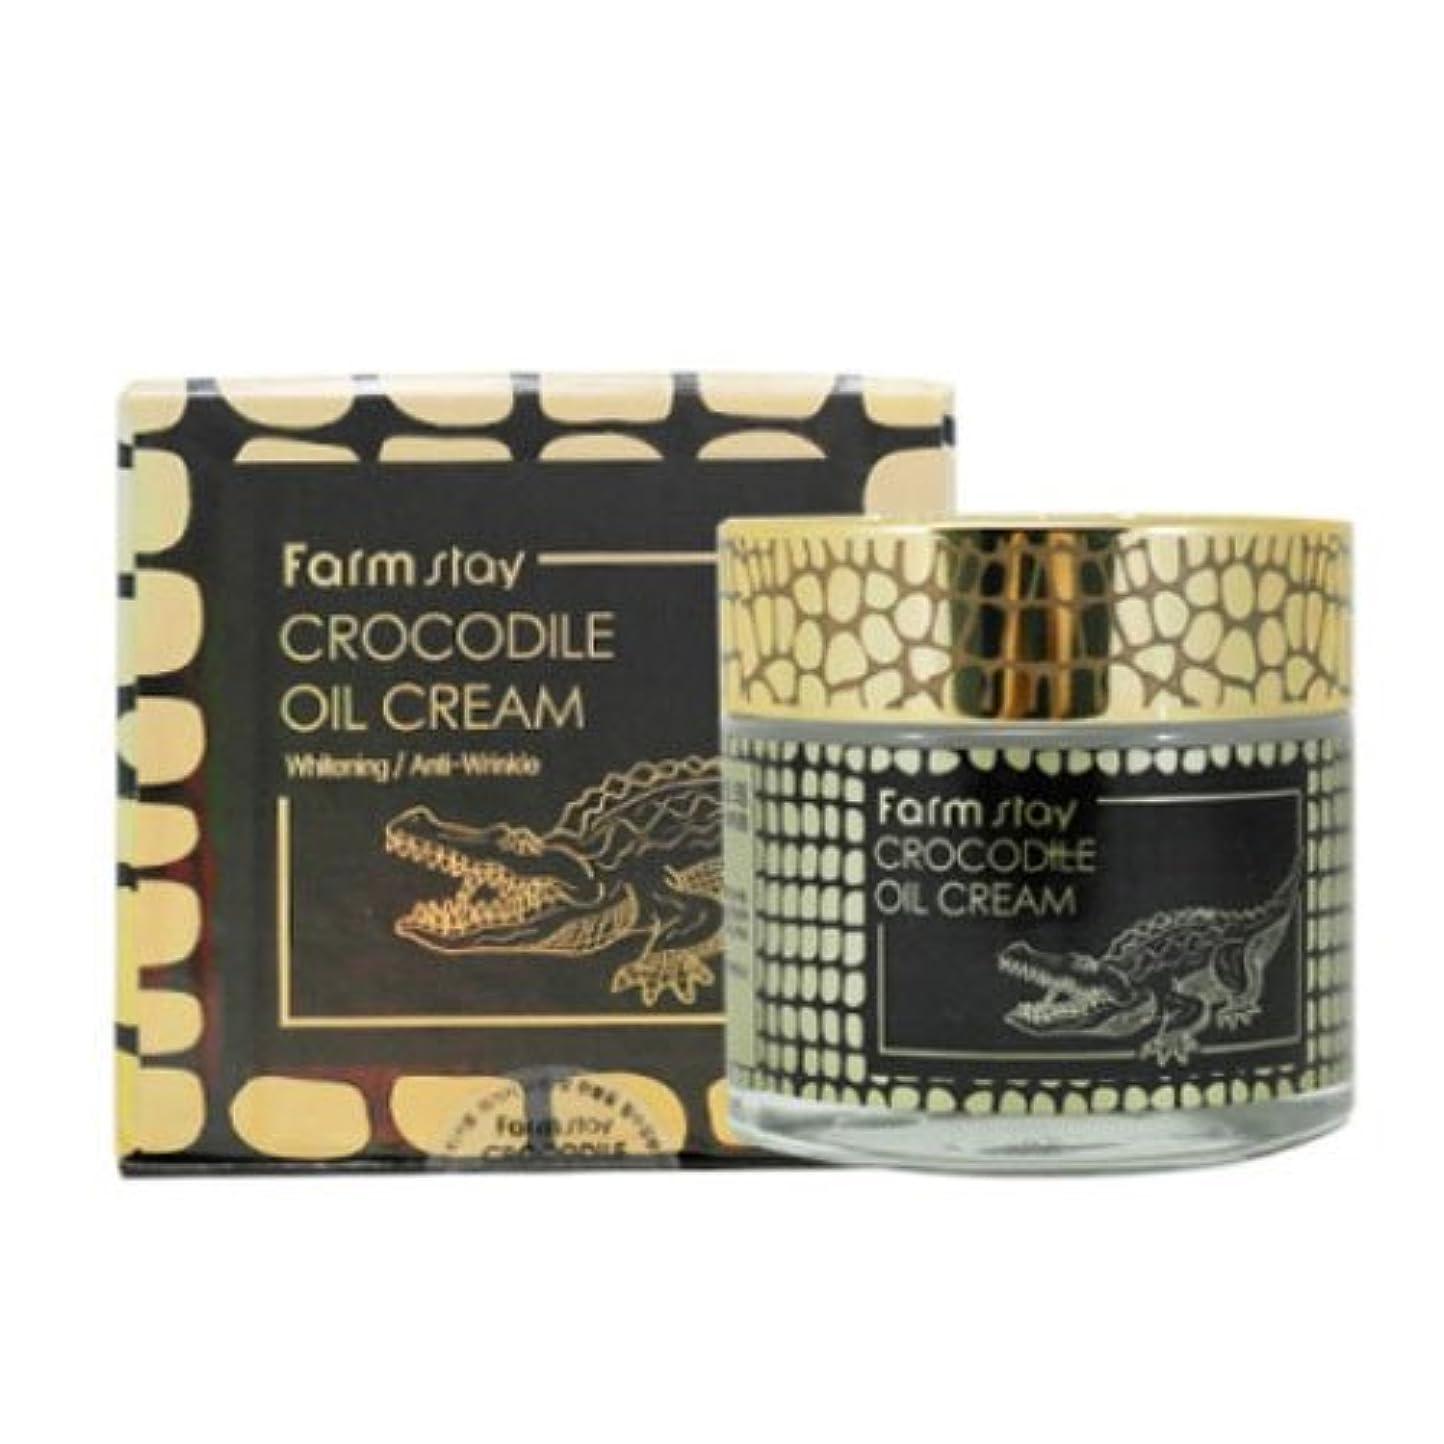 ブレイズベルトチャンピオンシップファームステイ[韓国コスメFarm Stay]Crocodile Oil Cream ワニオイルクリーム70g しわ管理 美白[並行輸入品]